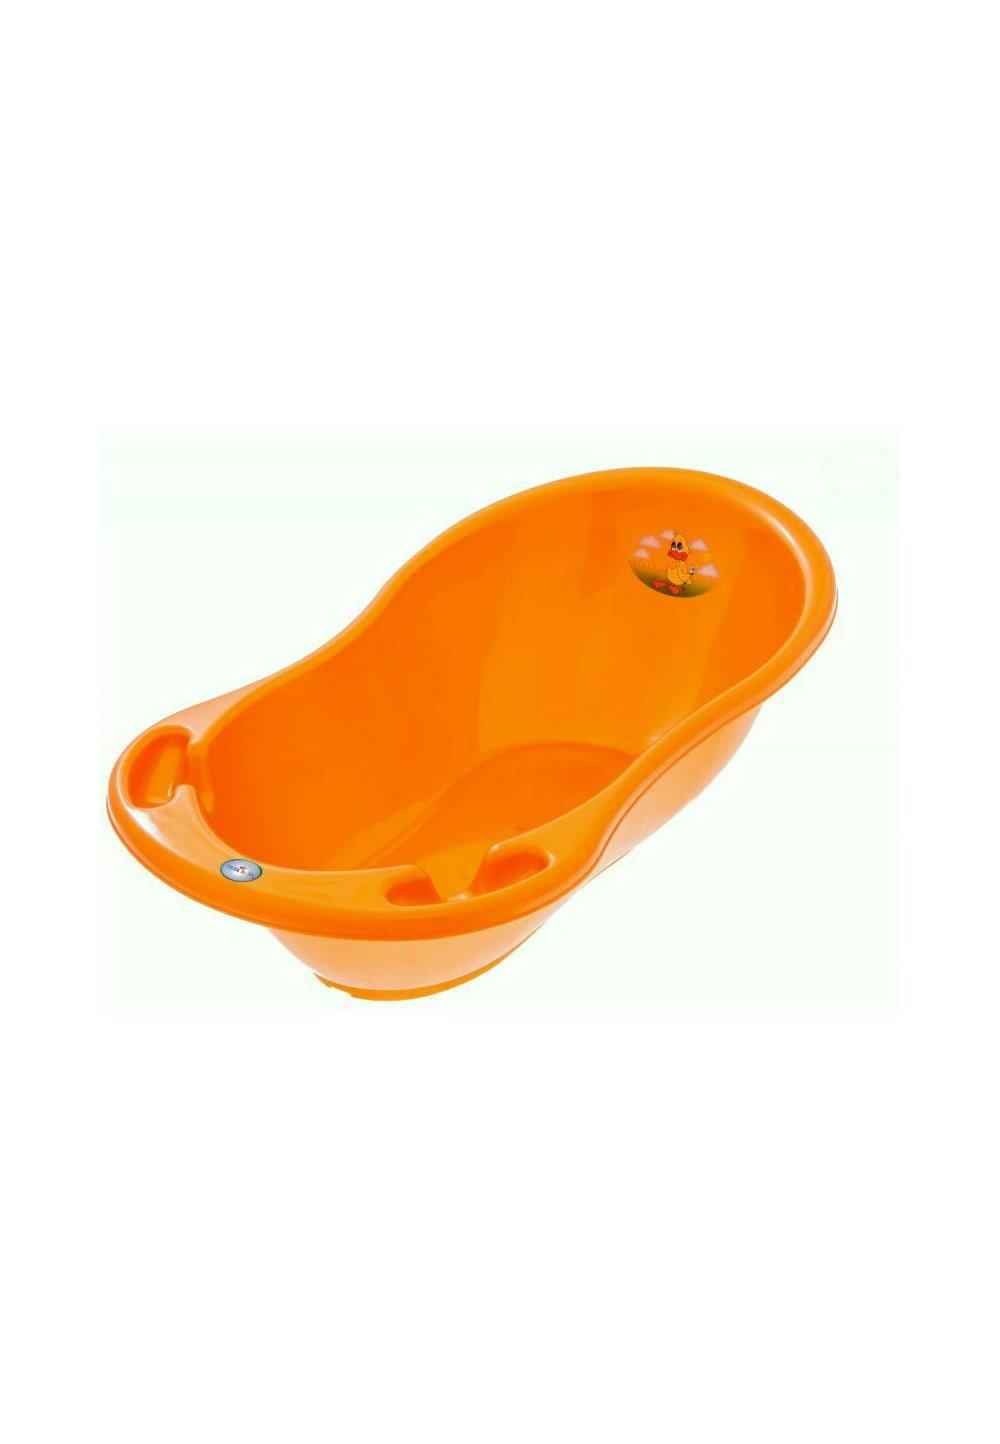 Cadita baie, Tweet tweet, portocalie, 86cm imagine